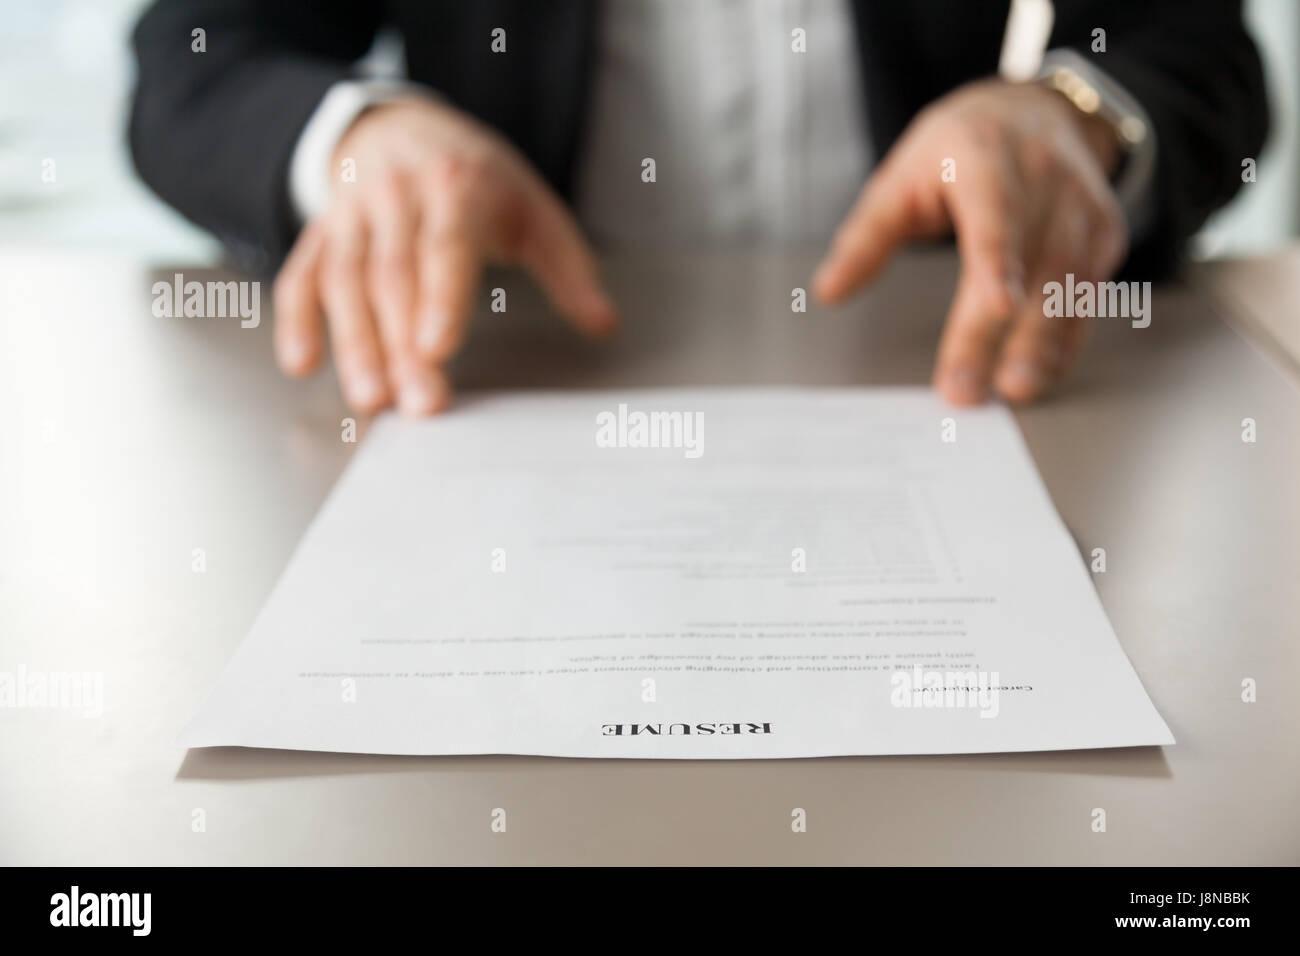 Lebenslauf-Dokument mit Jungs Hände im Hintergrund. Recruitment Manager liest Lebenslauf. Stellenbewerber bietet Stockbild